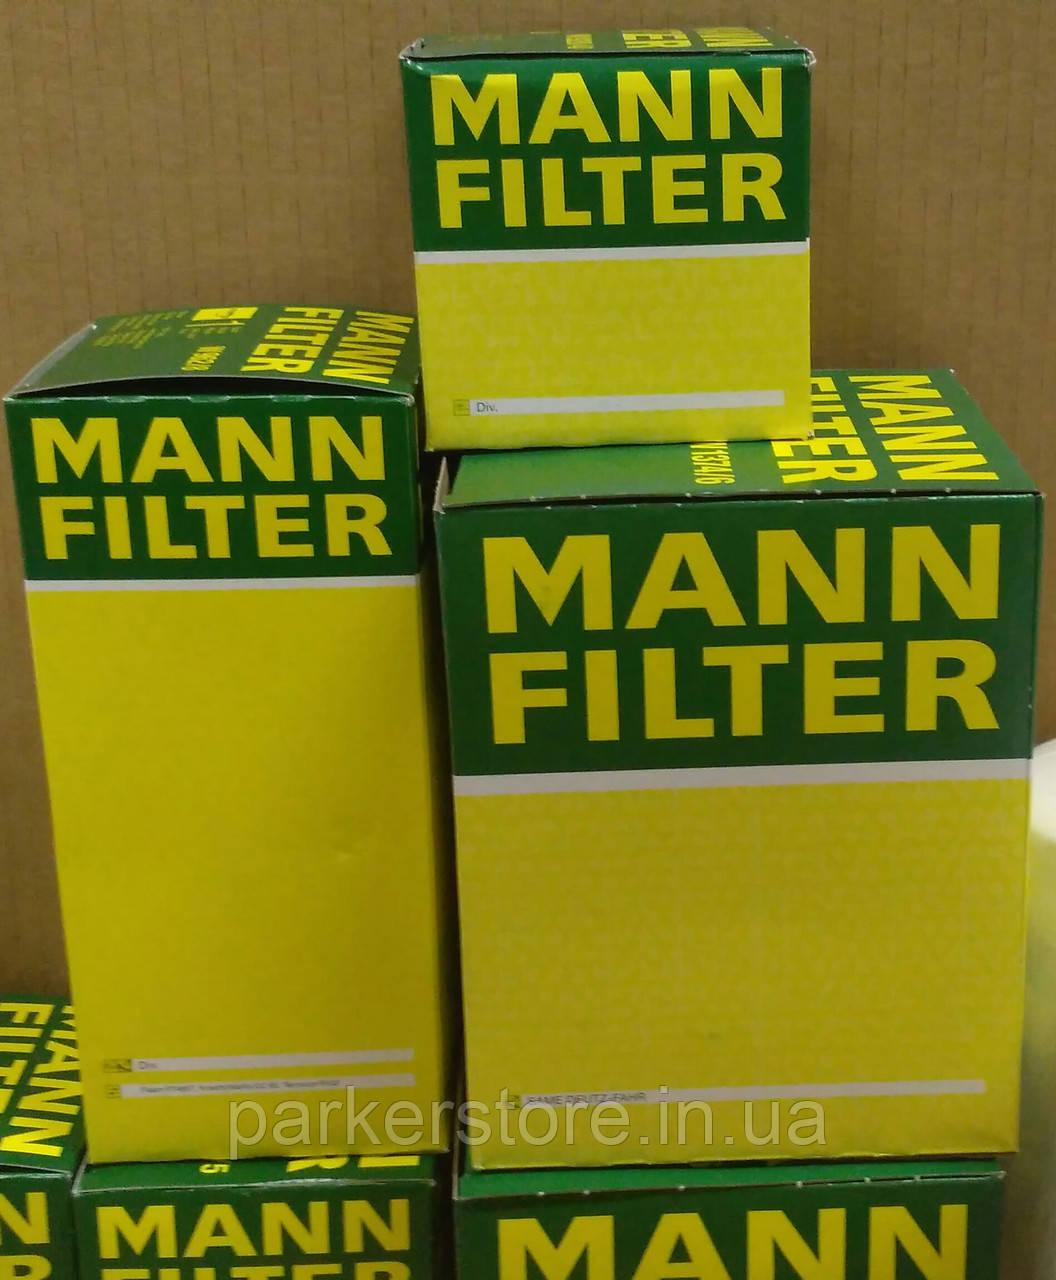 MANN FILTER / Воздушный фильтр / C 29 150 / C29150